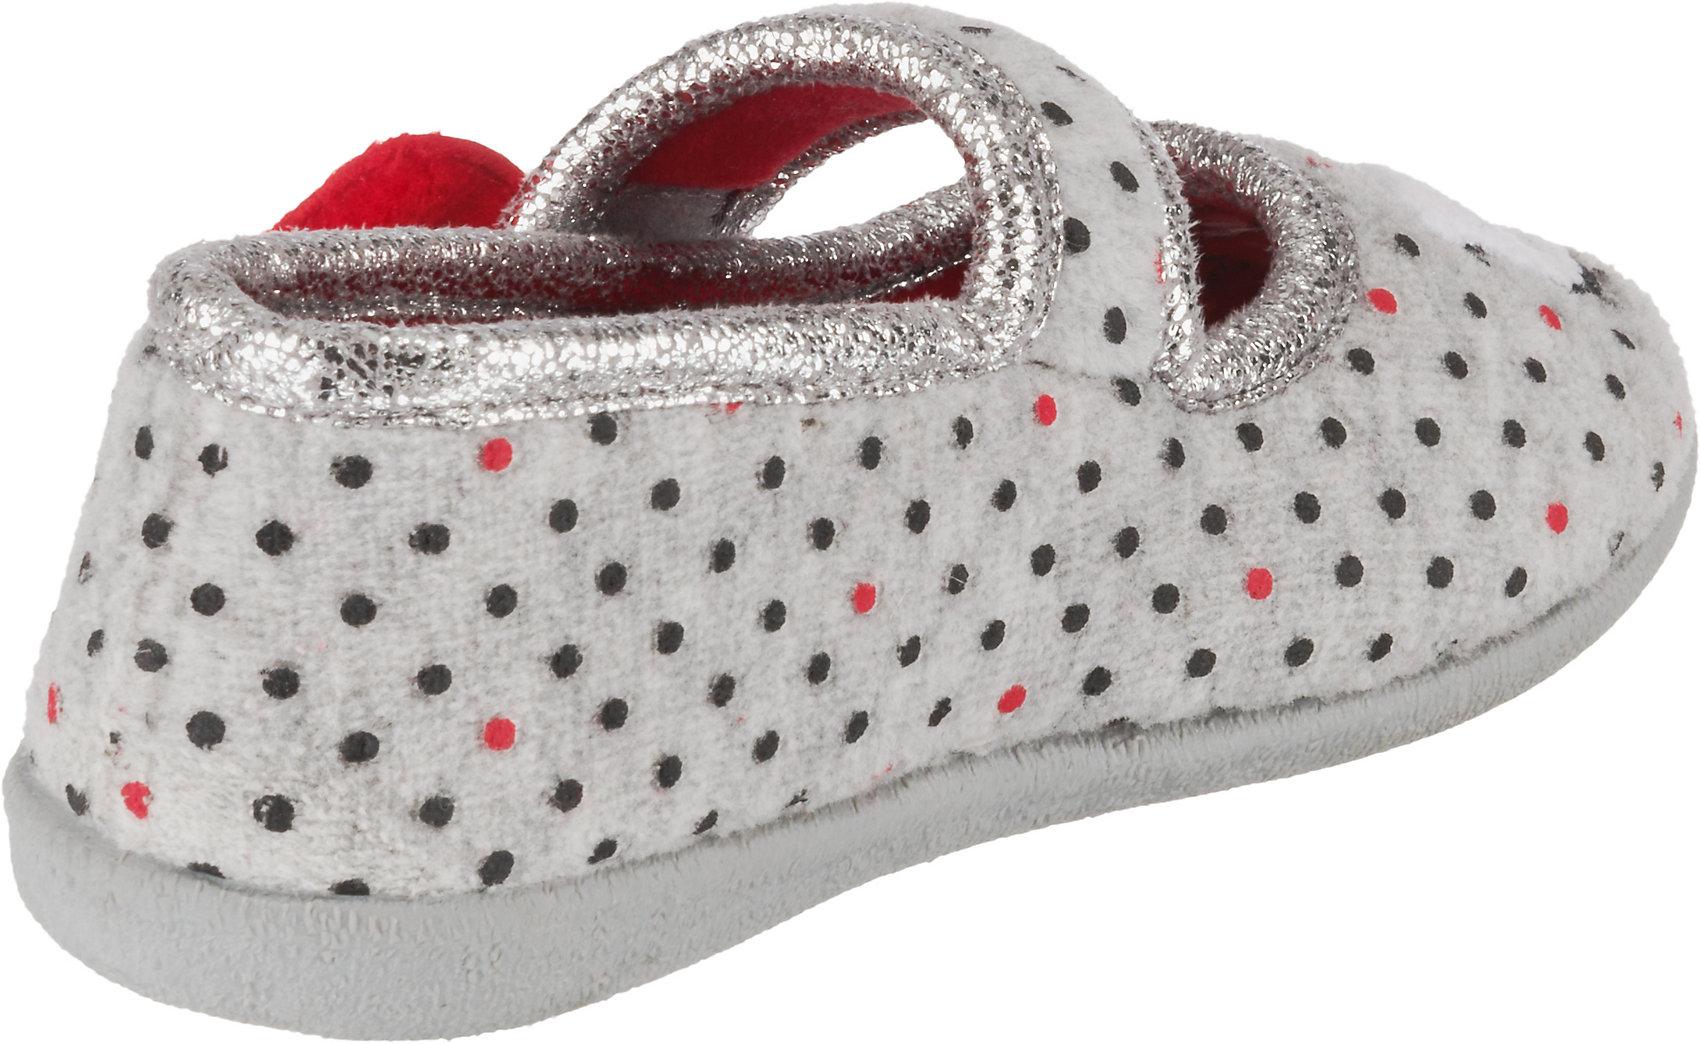 Neu Hello Kitty Hausschuhe für Mädchen 11437754 für Mädchen grau